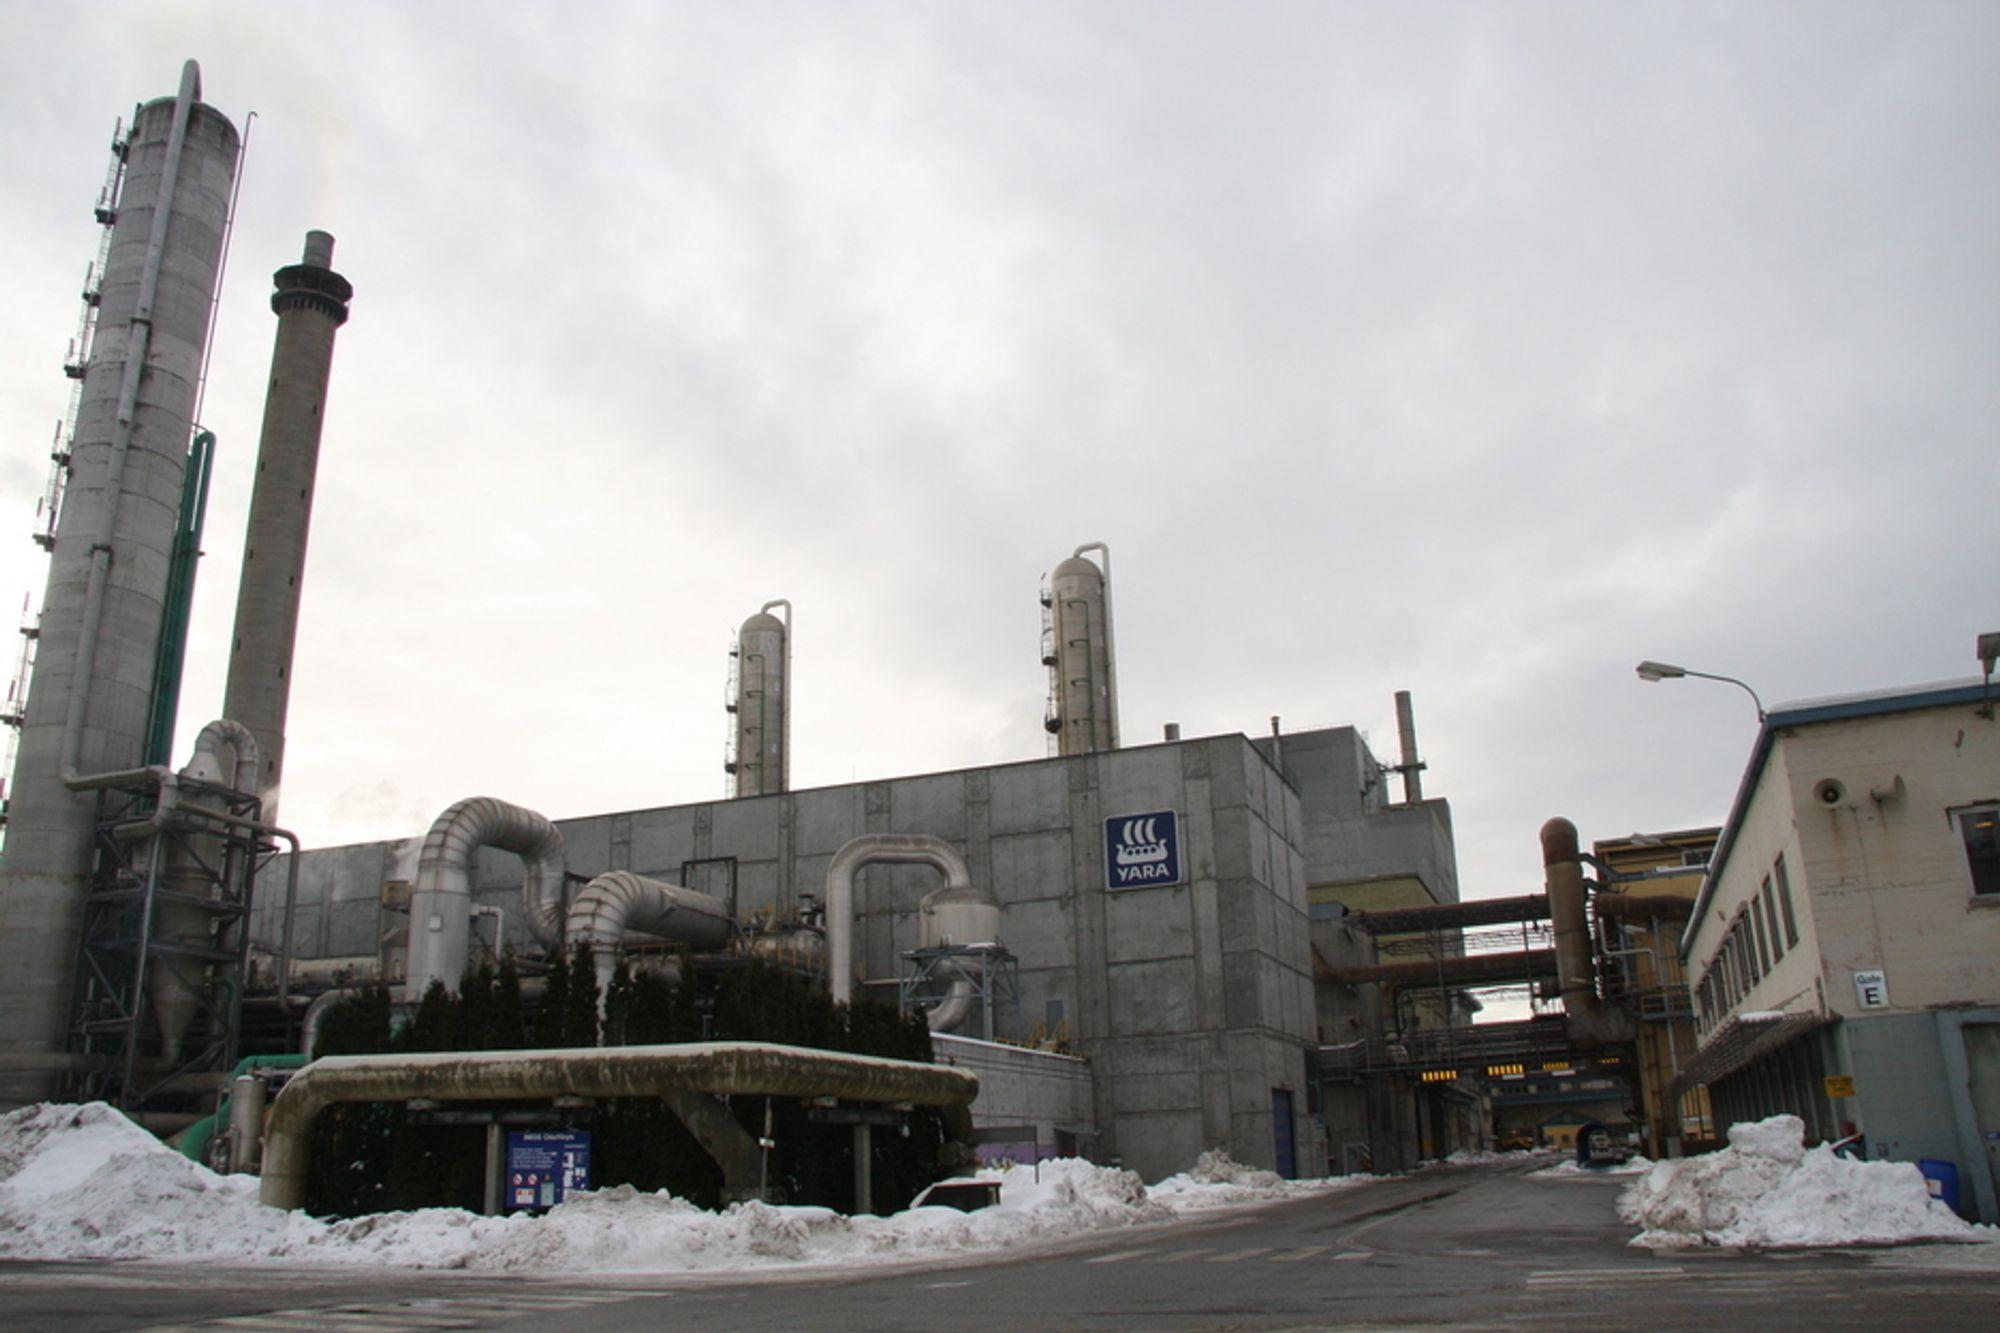 Porsgrunn, hvor Yara ligger, var en av kommunene som bidro til lavere klimagassutslipp i fjor.